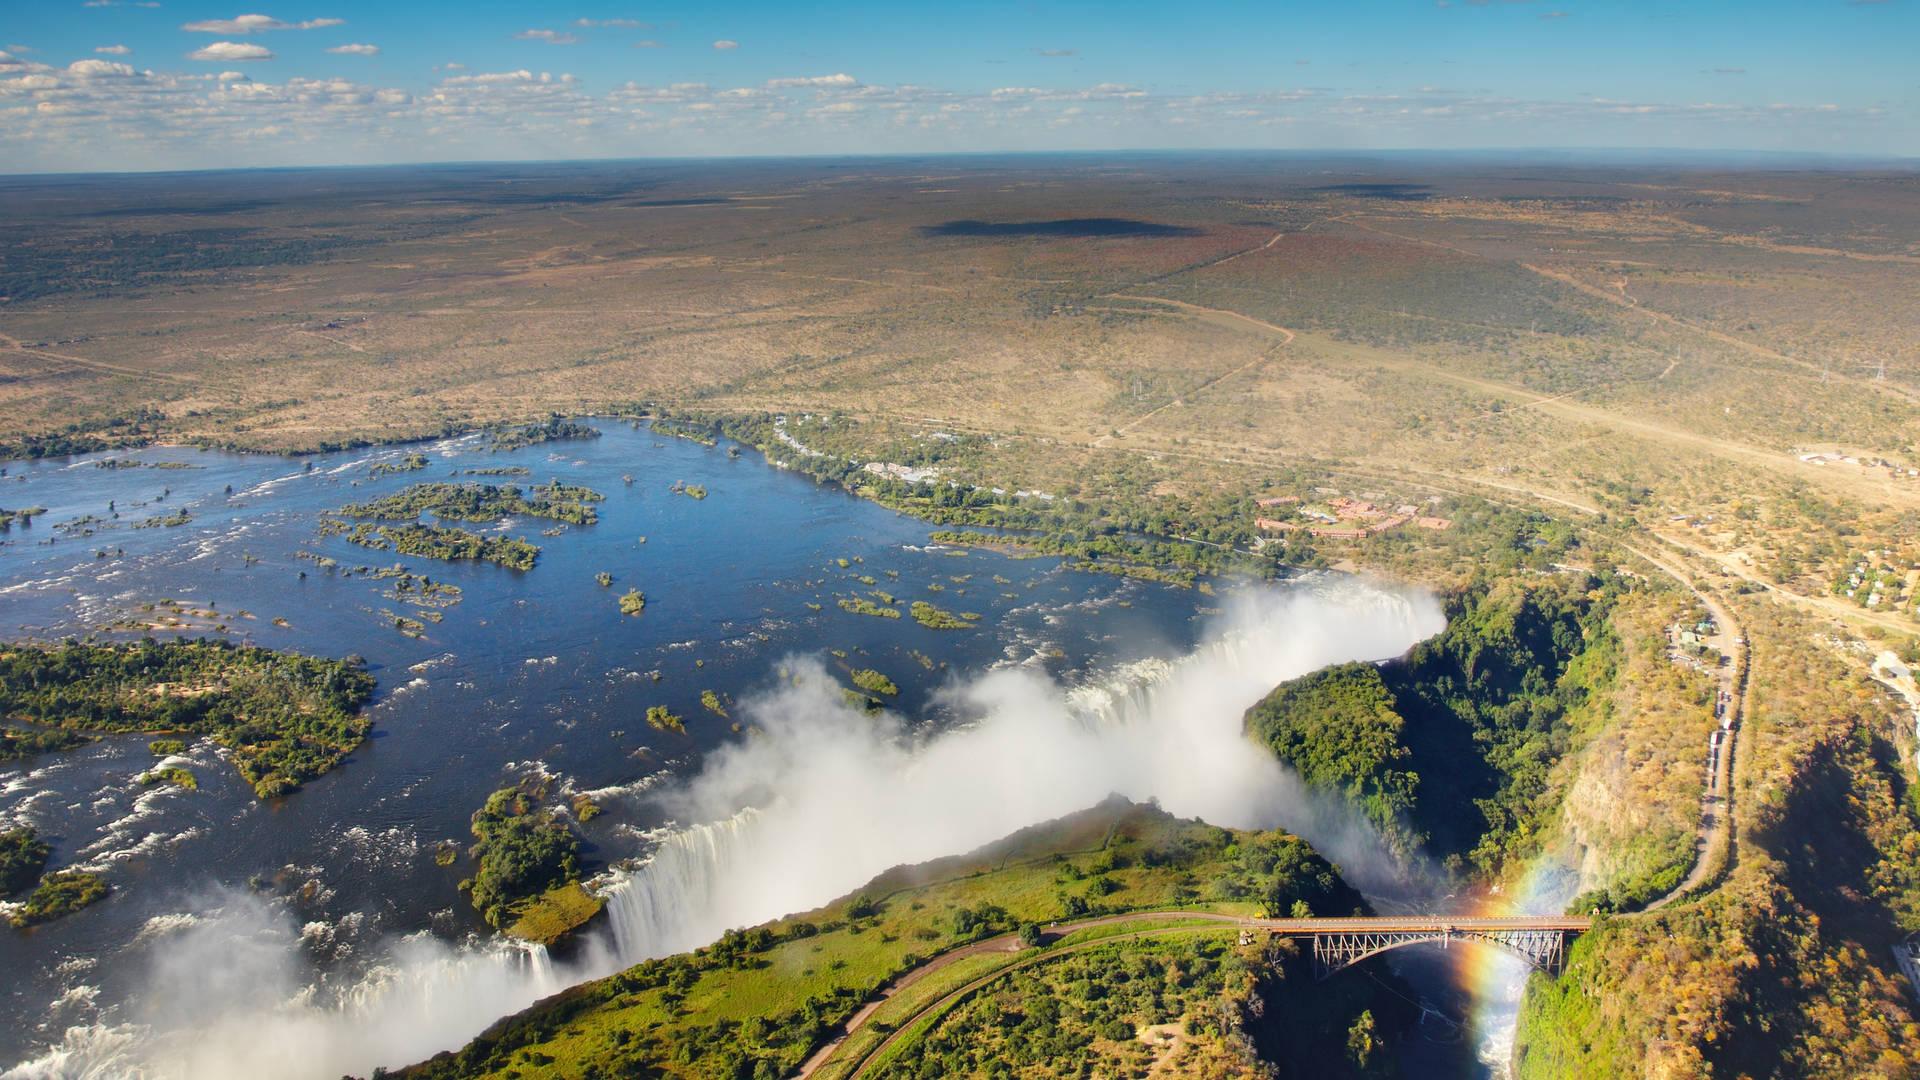 Simbawe